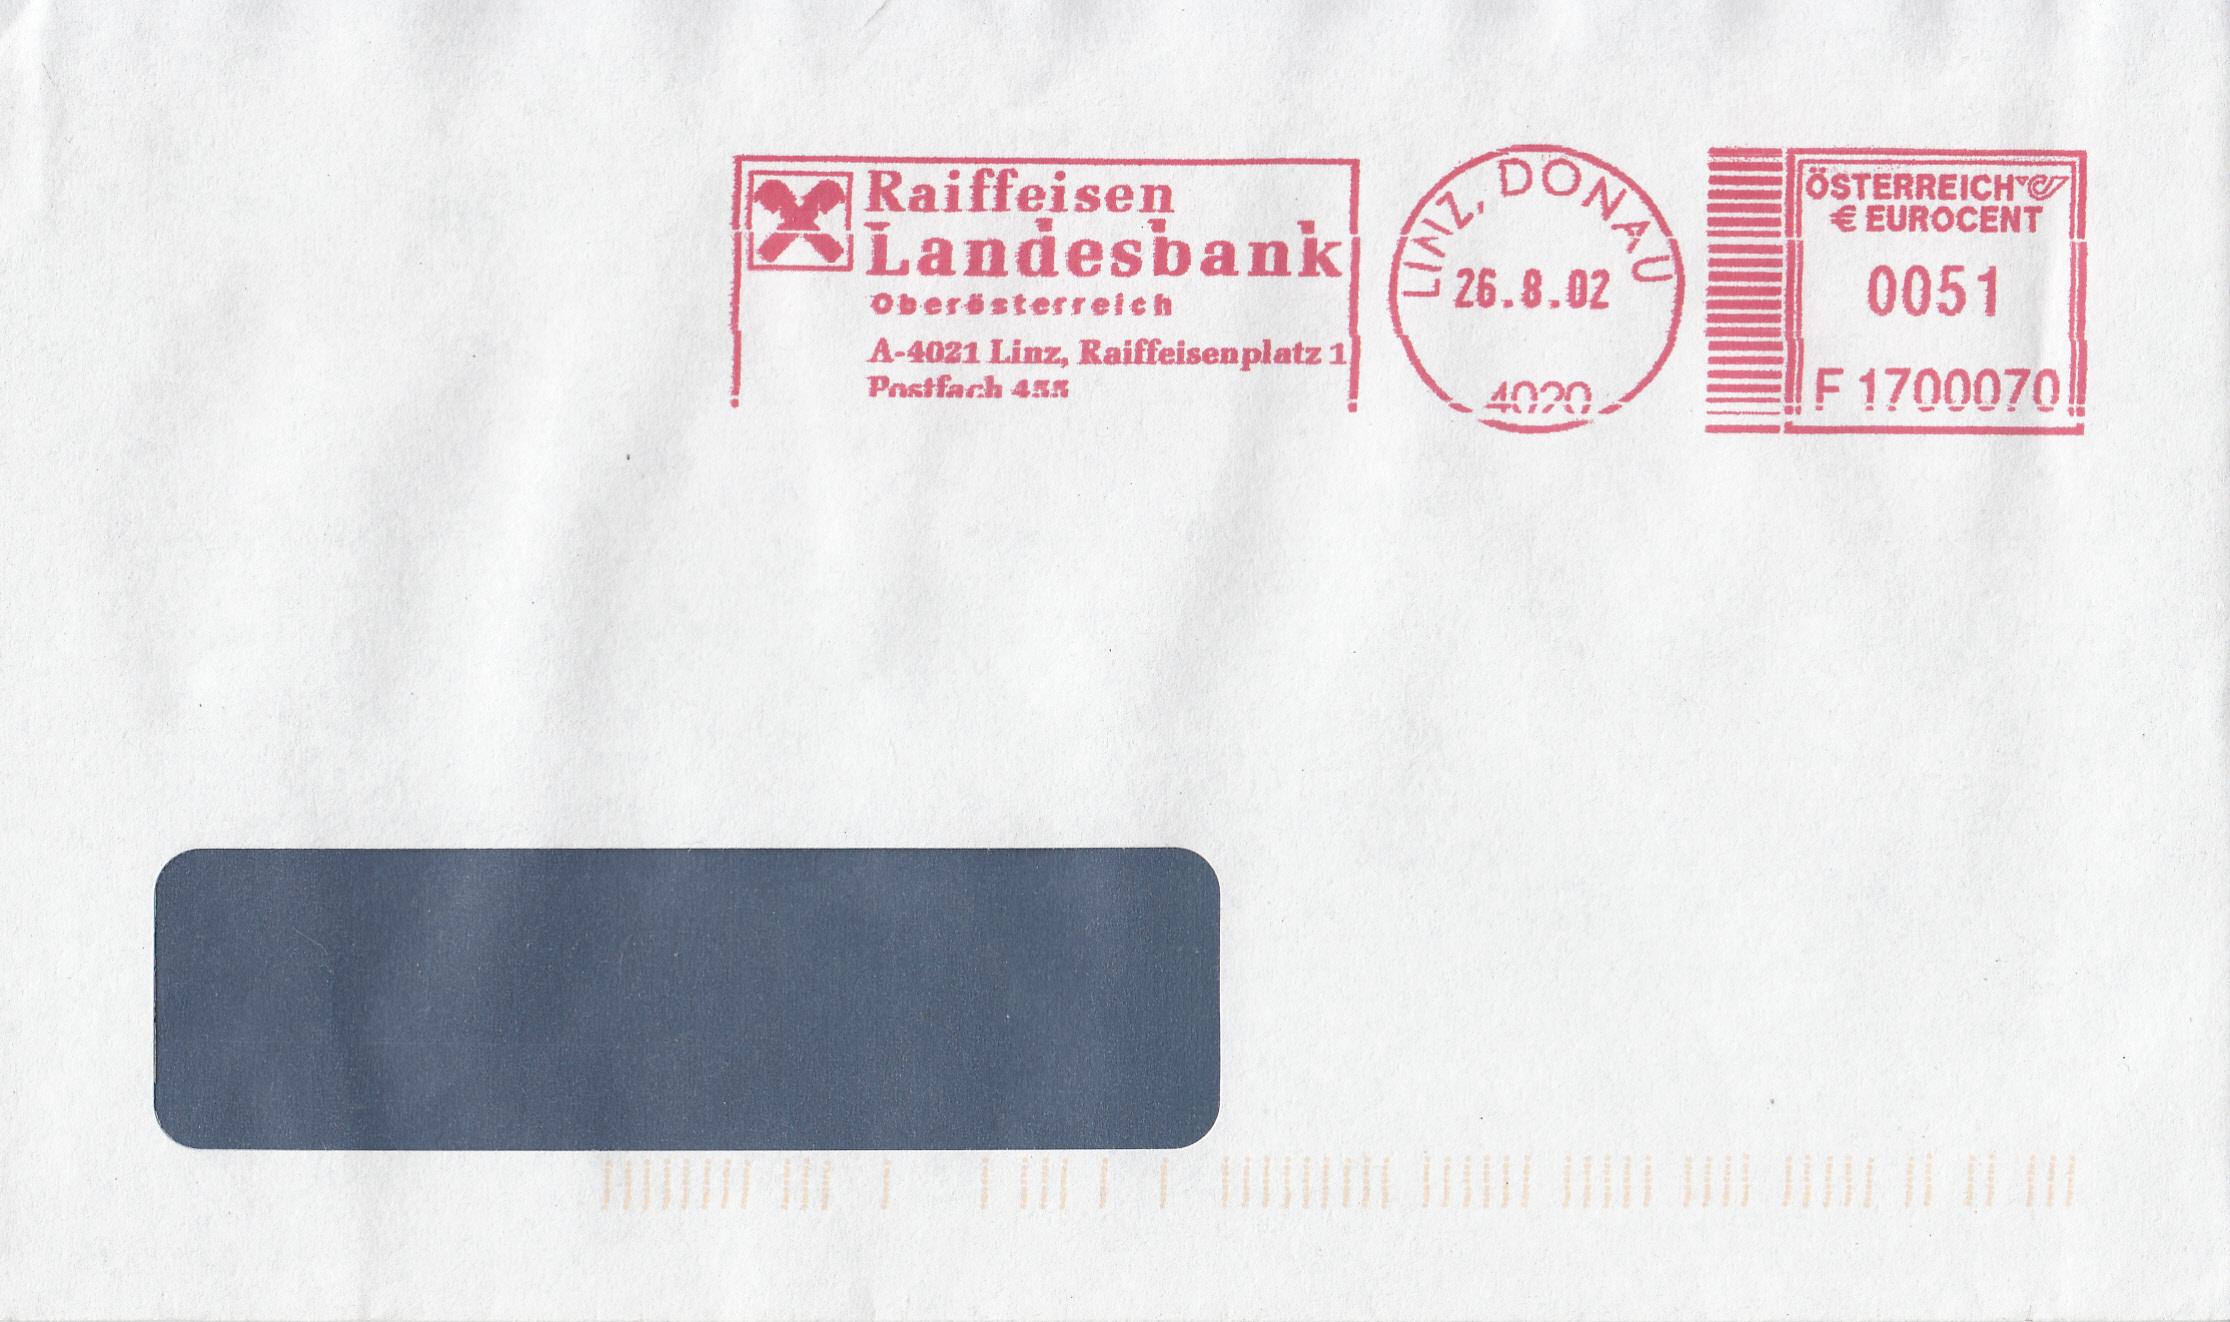 Briefe / Poststücke österreichischer Banken - Seite 4 Img207